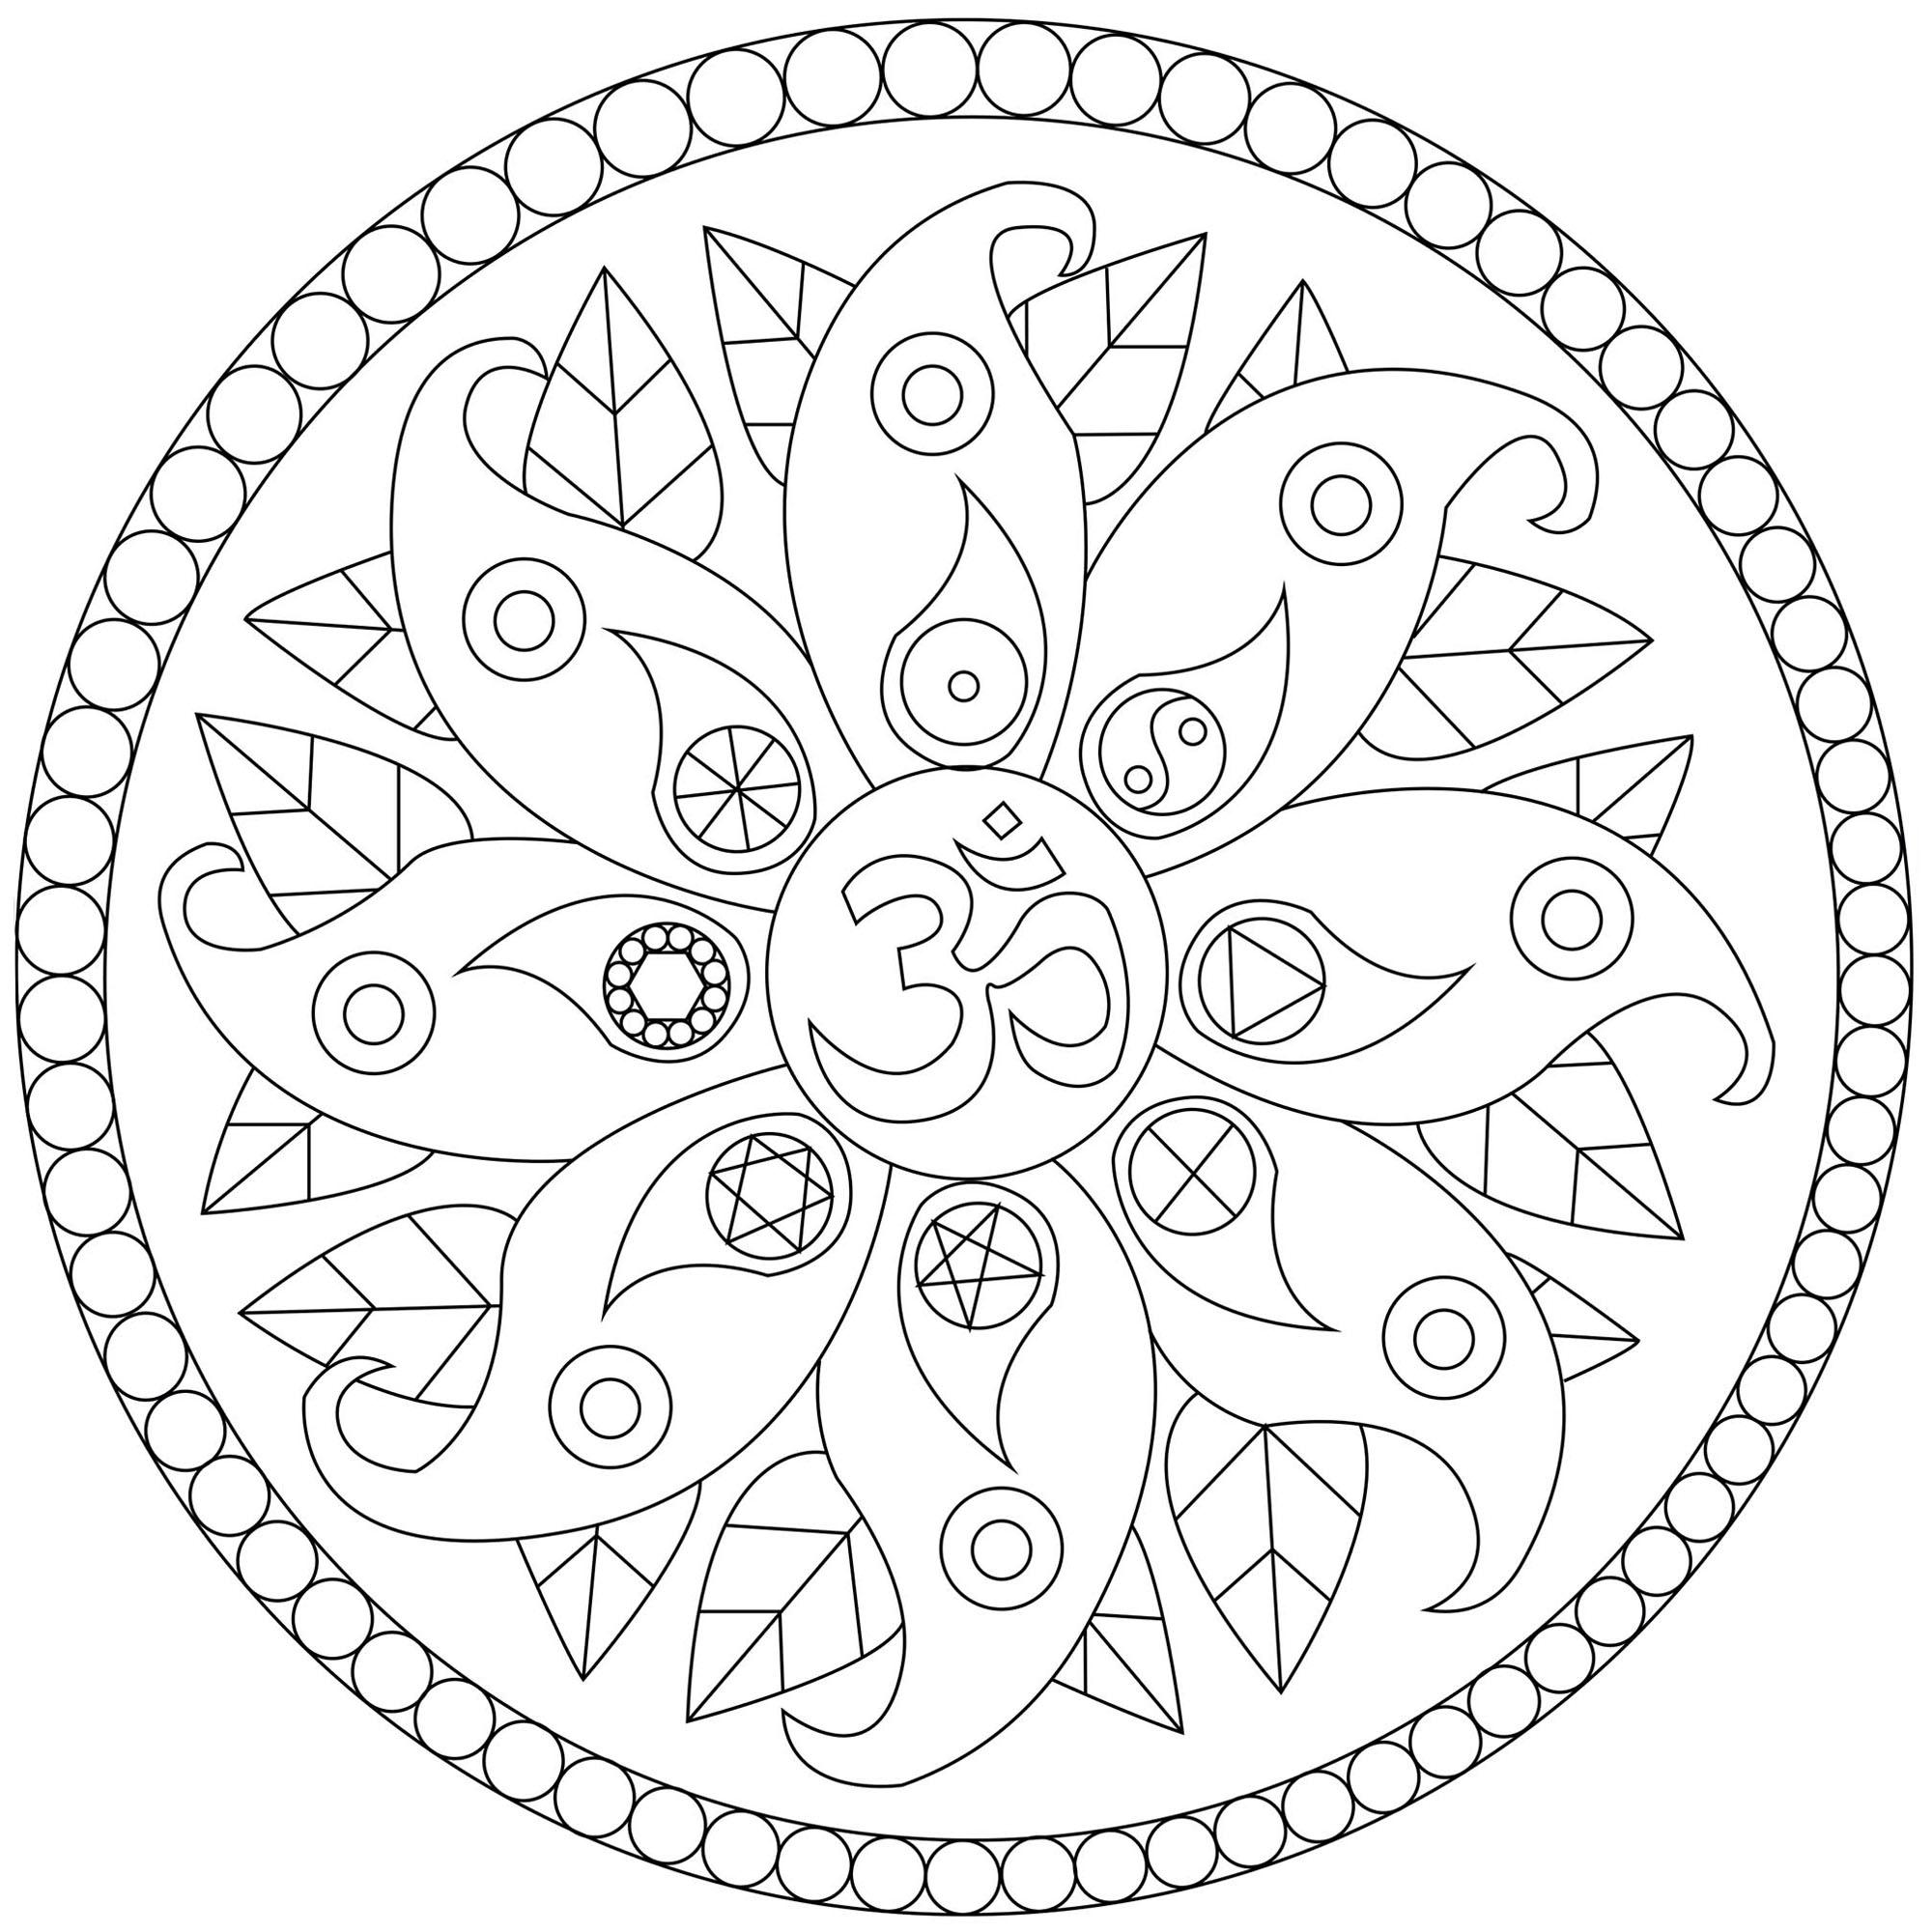 Colorear para Adultos : Mandalas - 1 - Esta imagen contiene : Peace